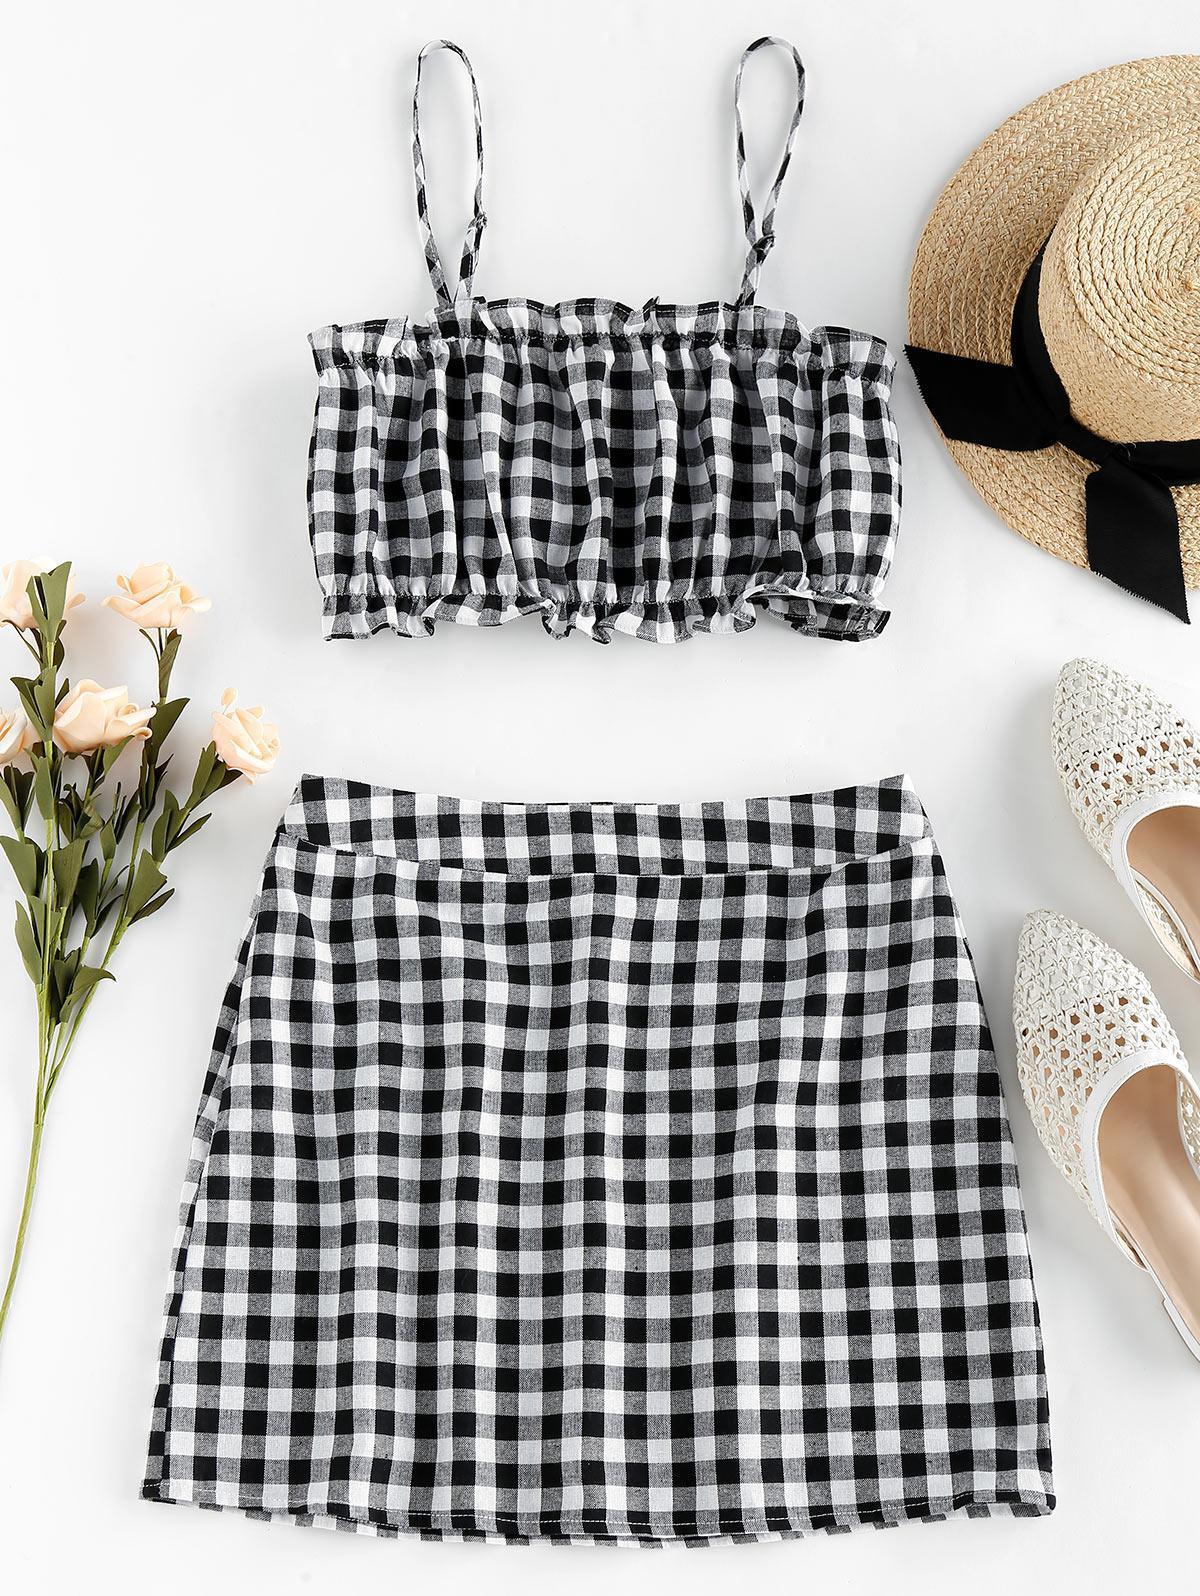 ZAFUL Checked Ruffle Mini Two Piece Dress